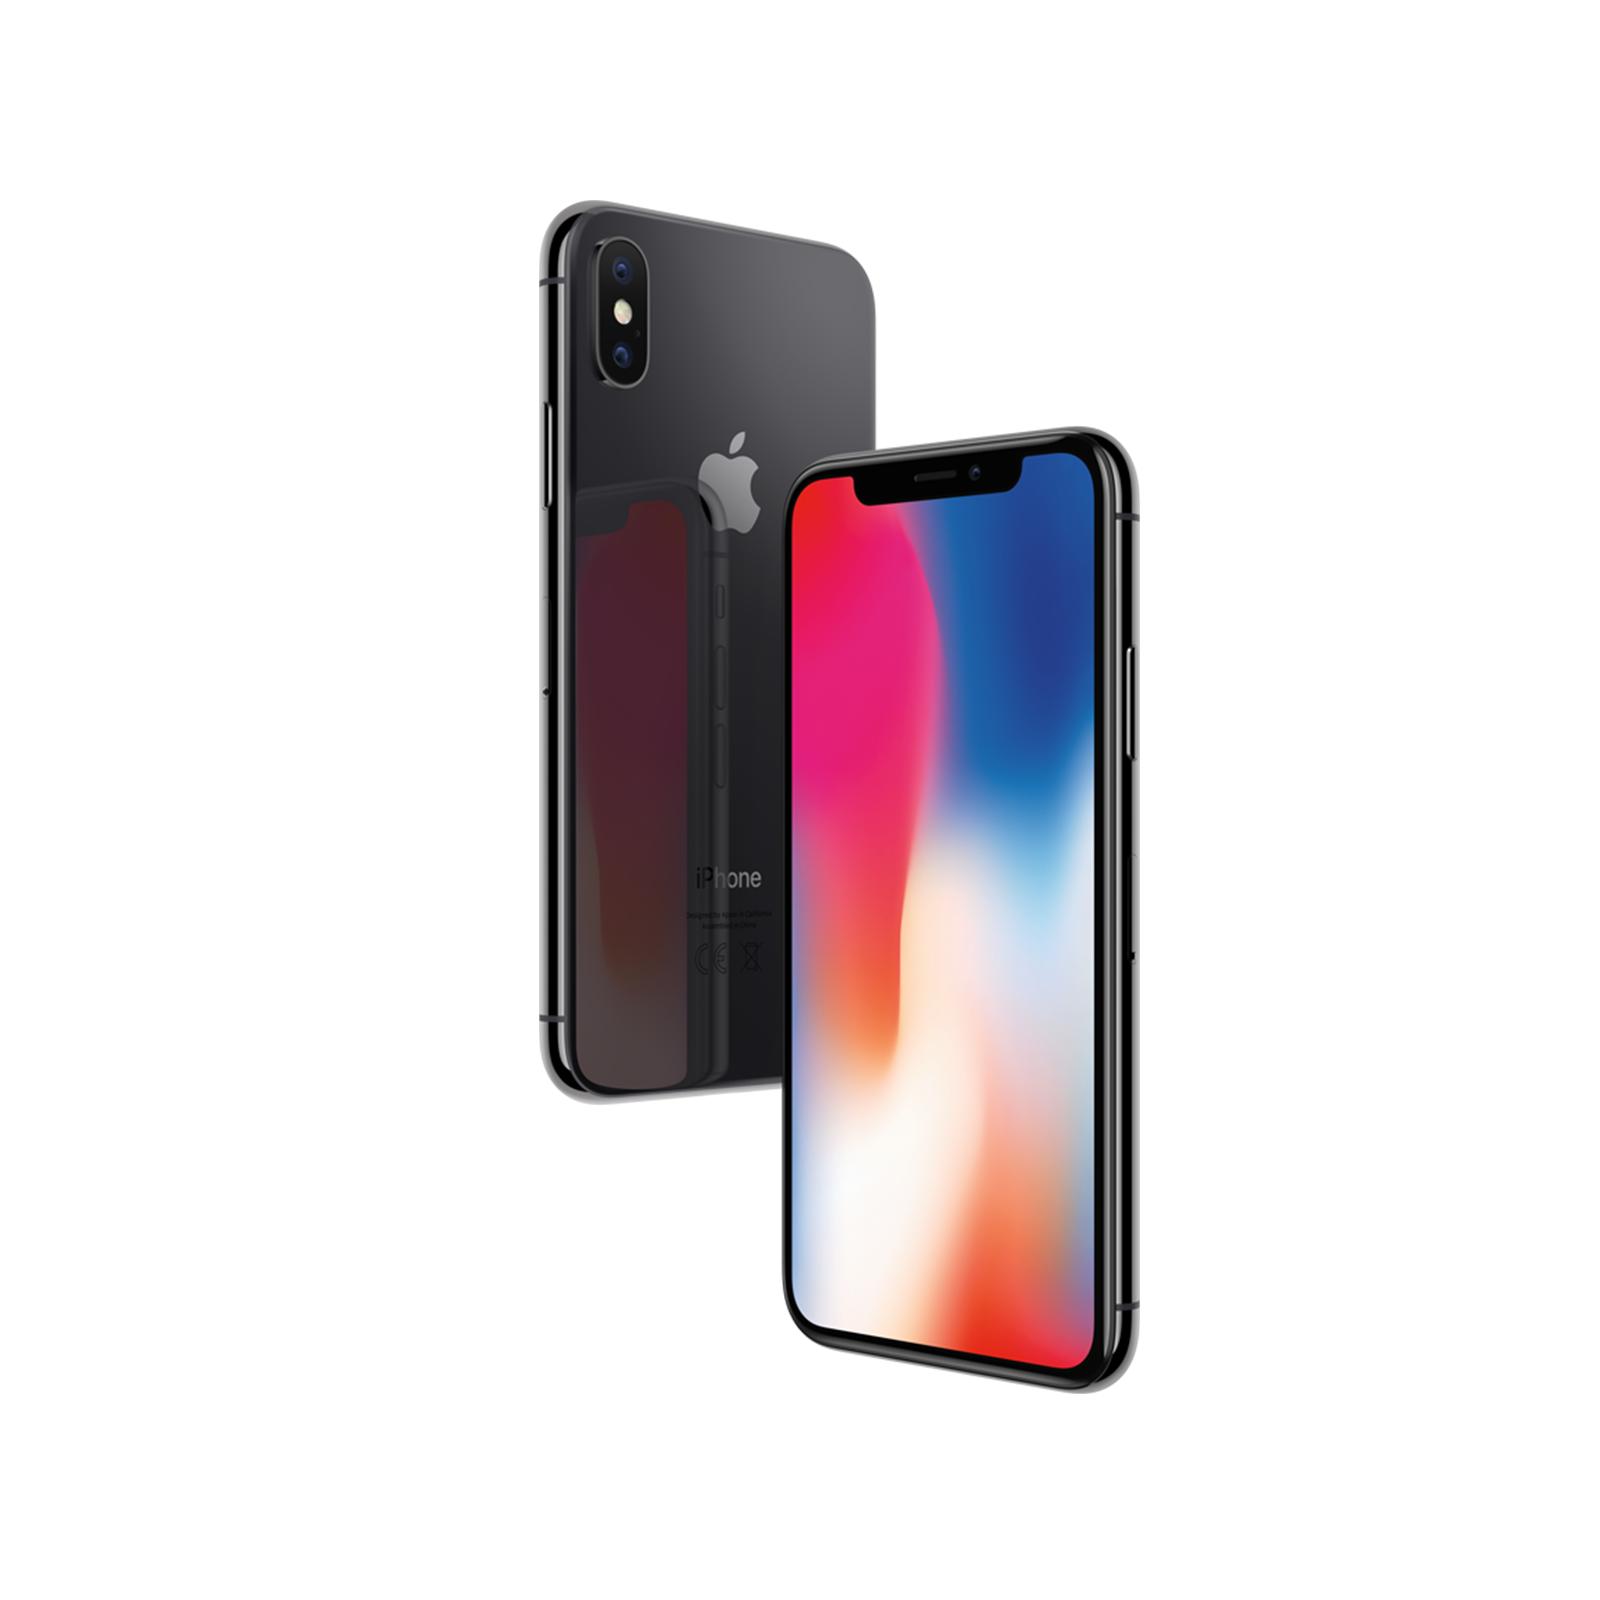 گوشی موبایل اپل مدل iPhone X ظرفیت ۲۵۶ گیگابایت